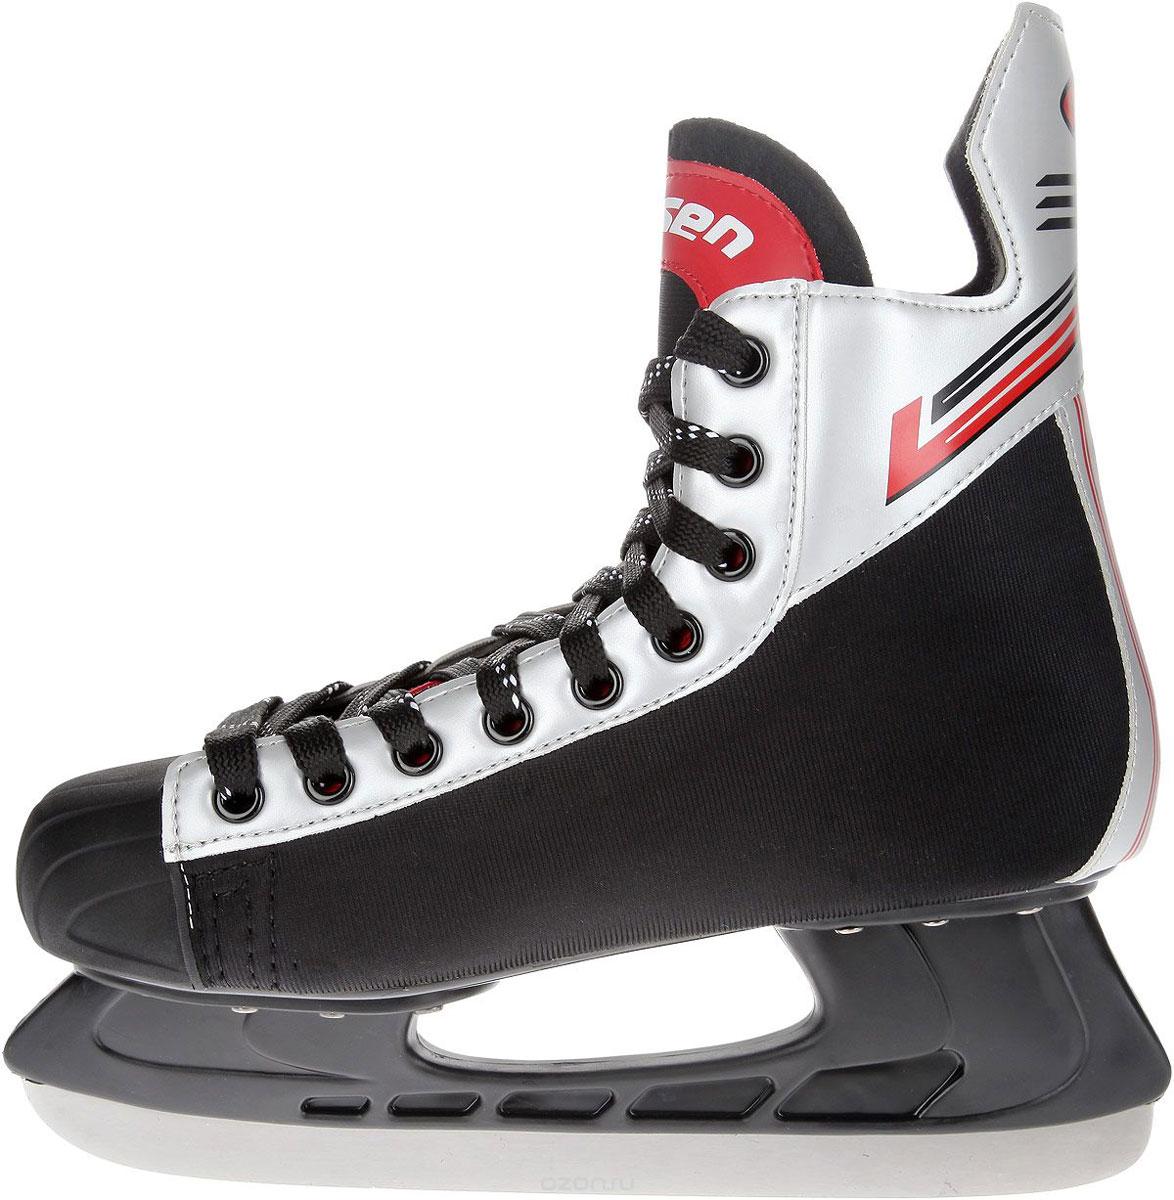 Коньки хоккейные мужские Larsen Alex, цвет: черный, серебристый, красный. Размер 44